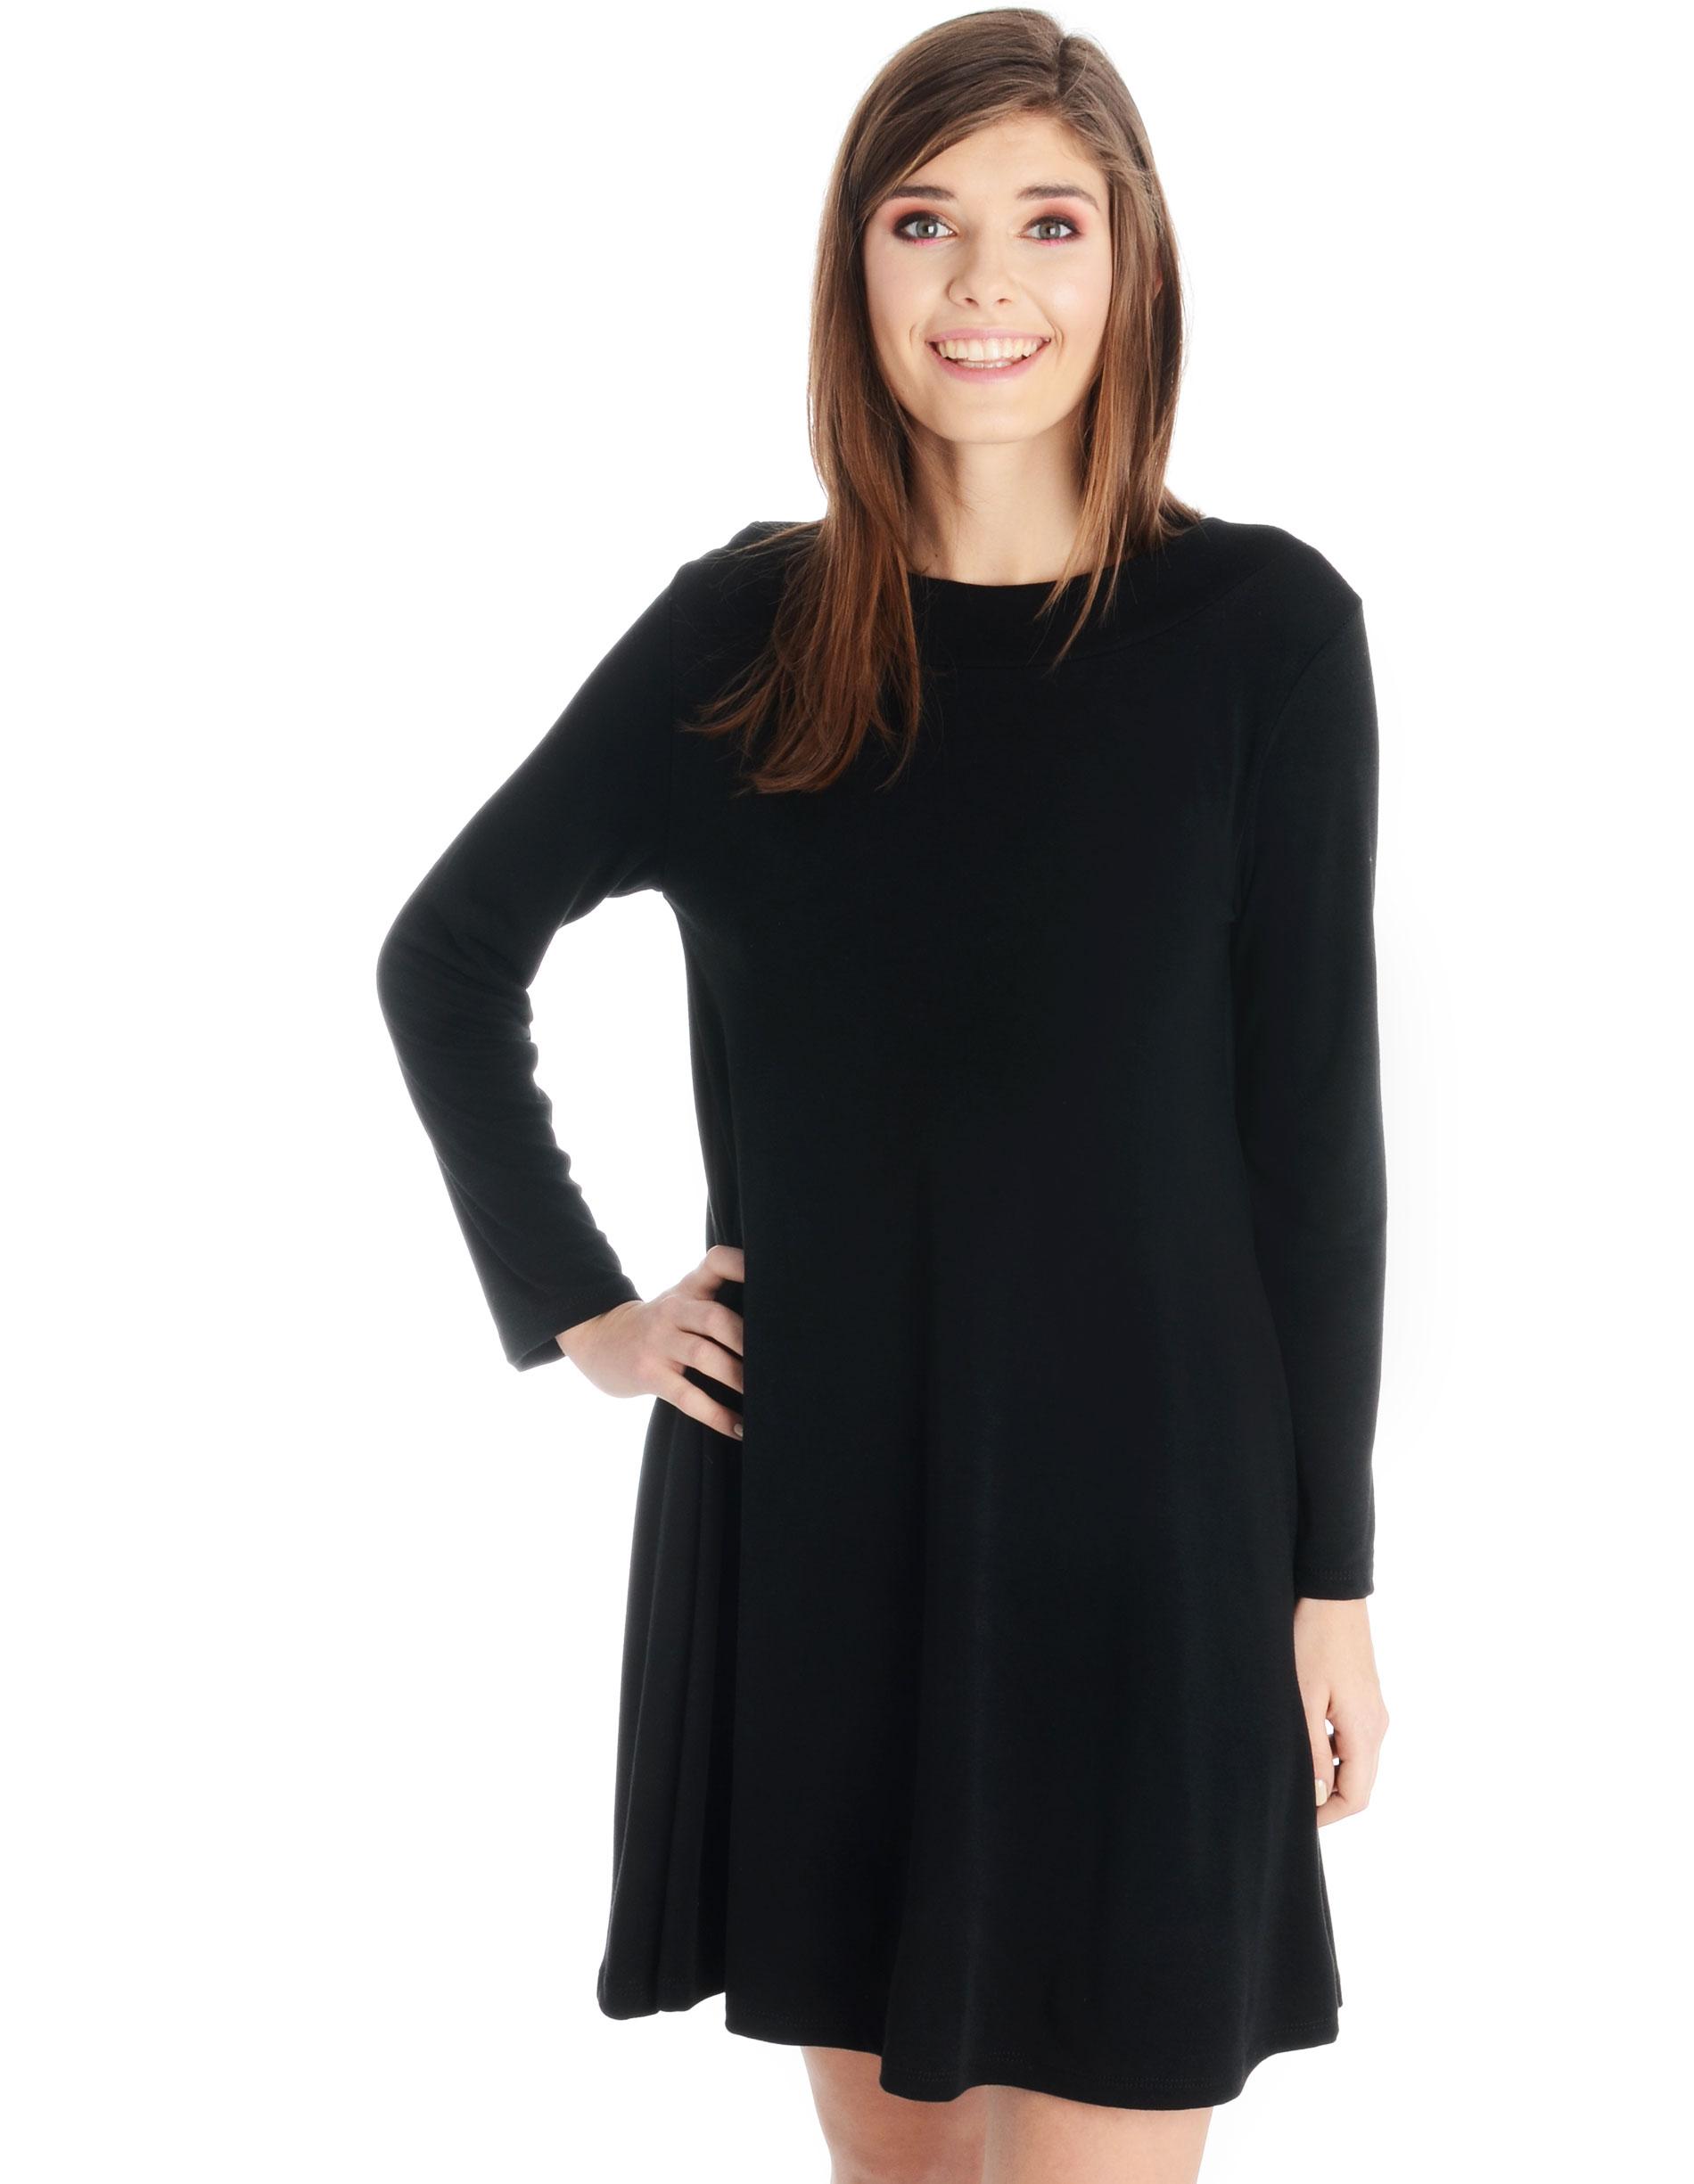 Sukienka - 62-3037 NERO - Unisono